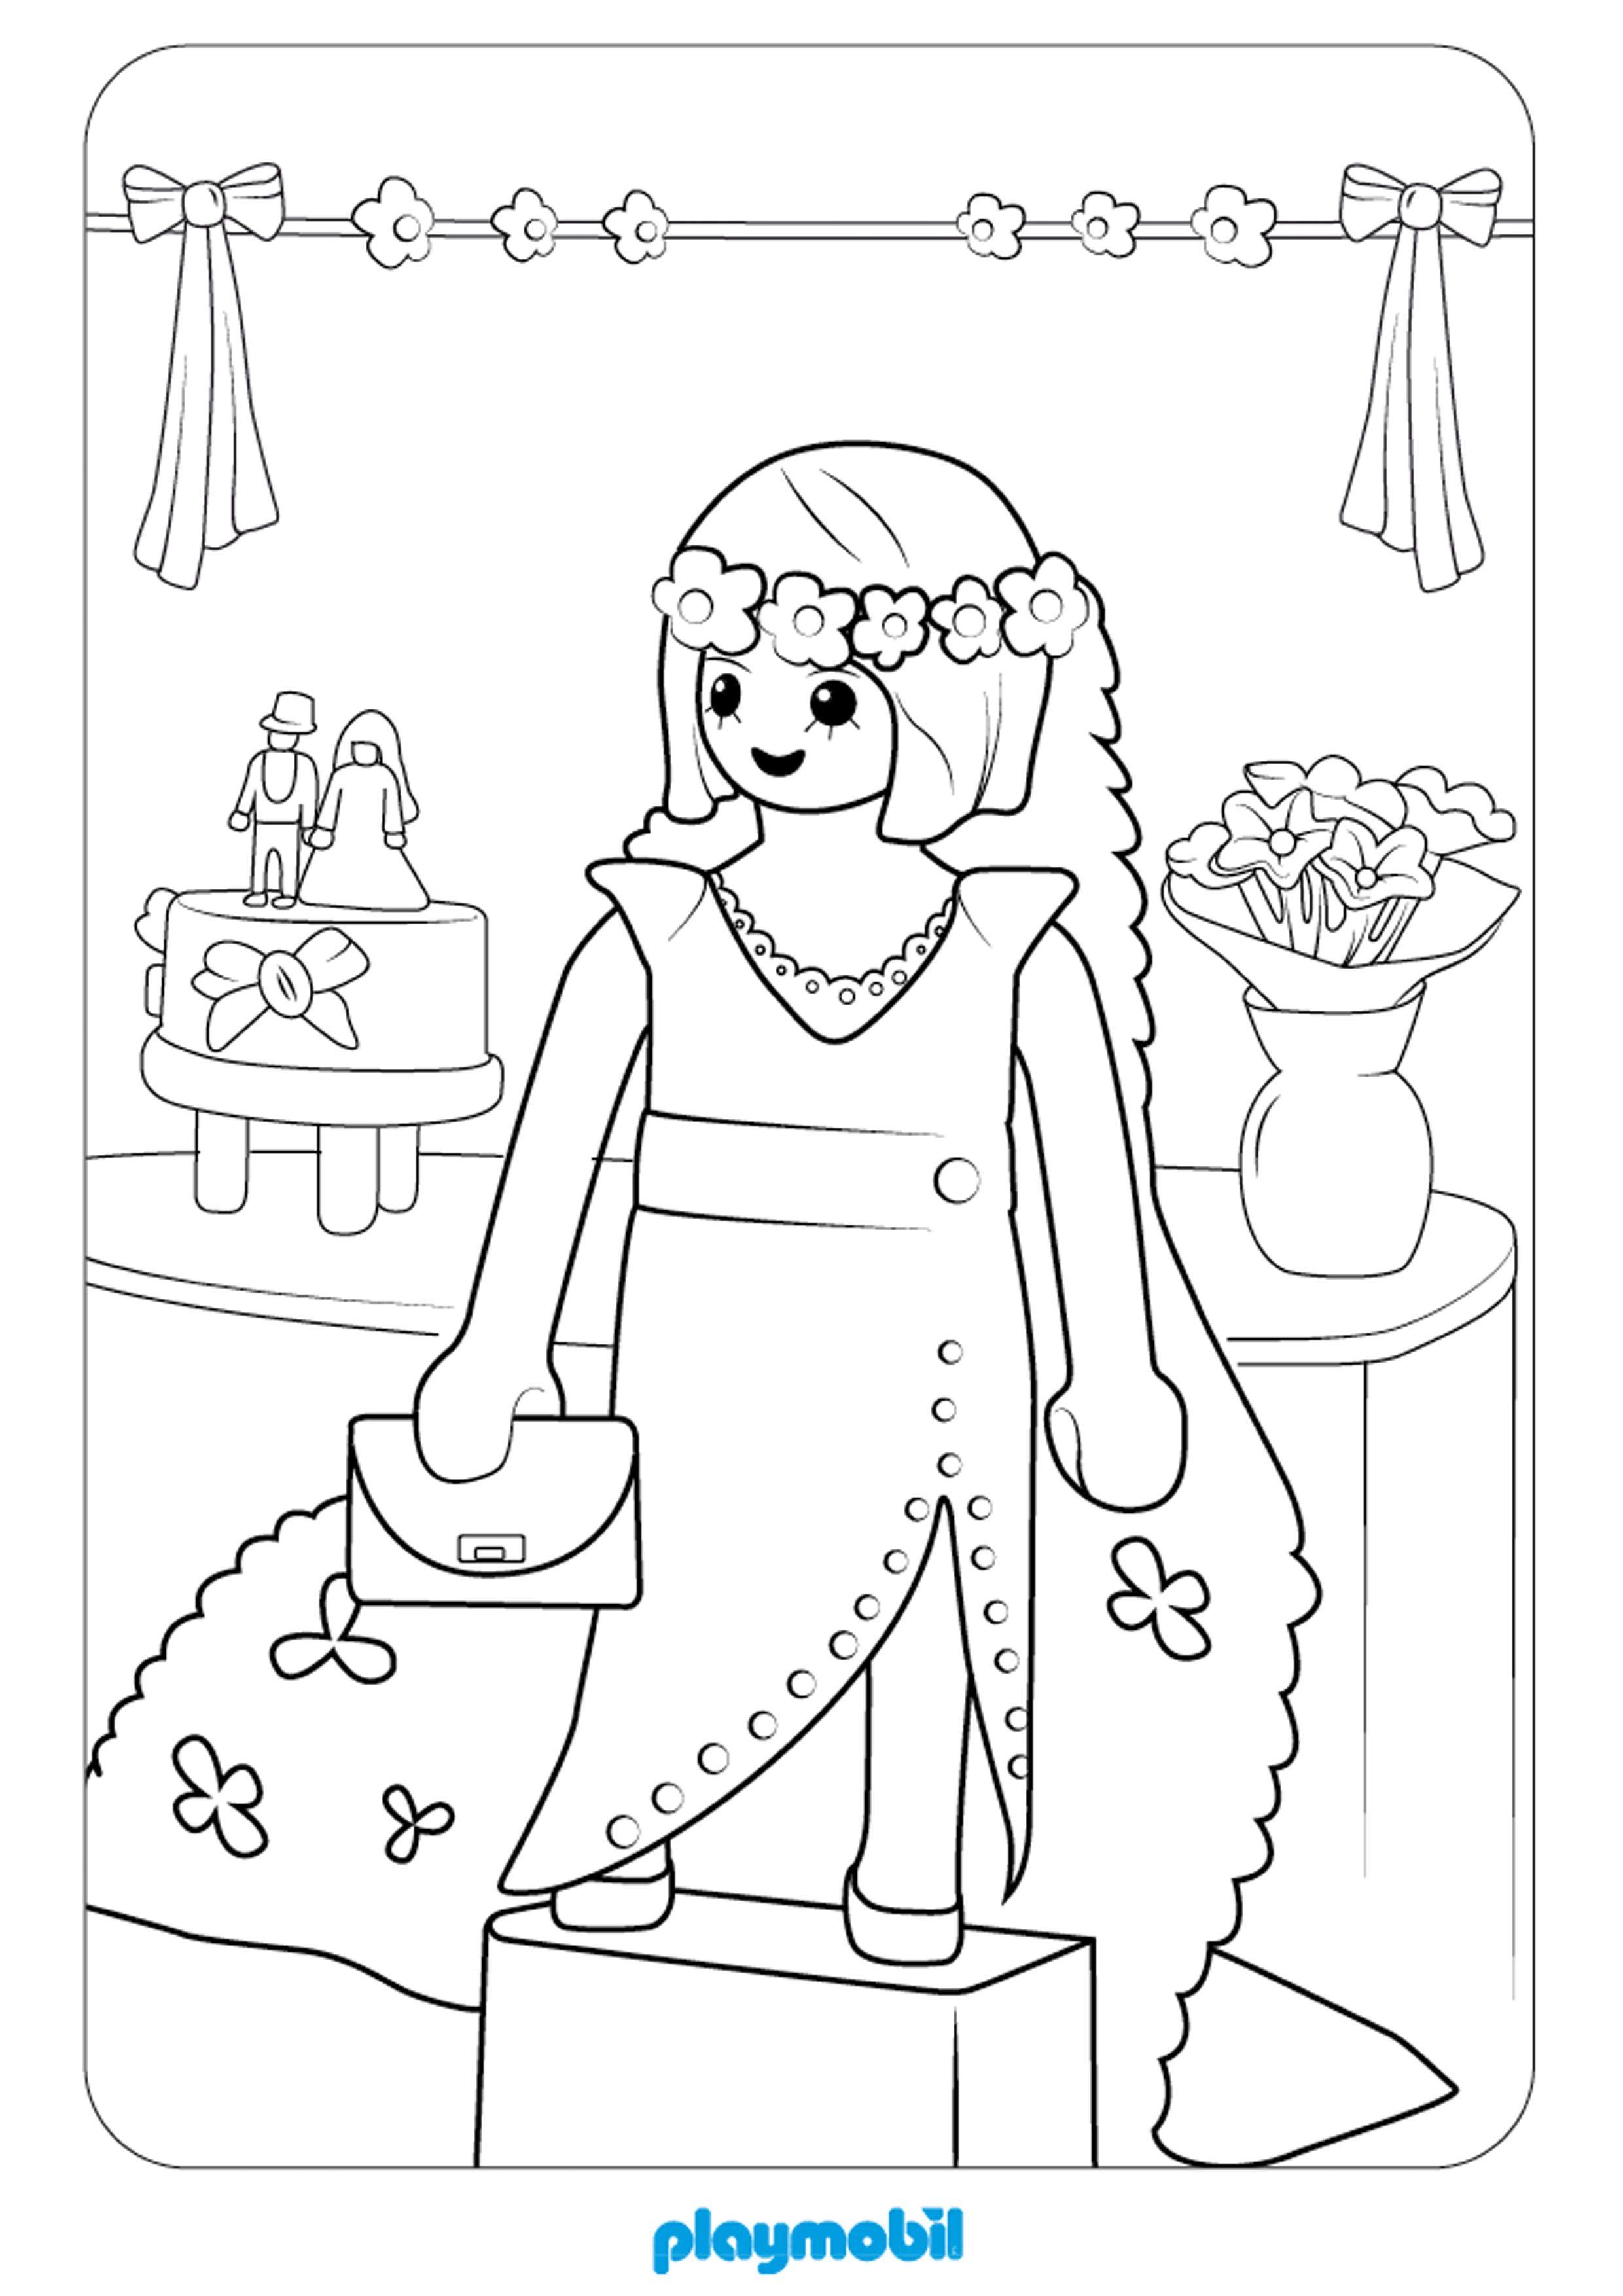 Image Peppa Pig A Imprimer Élégant Photographie Coloriage Playmobil  Colorier Dessin  Imprimer